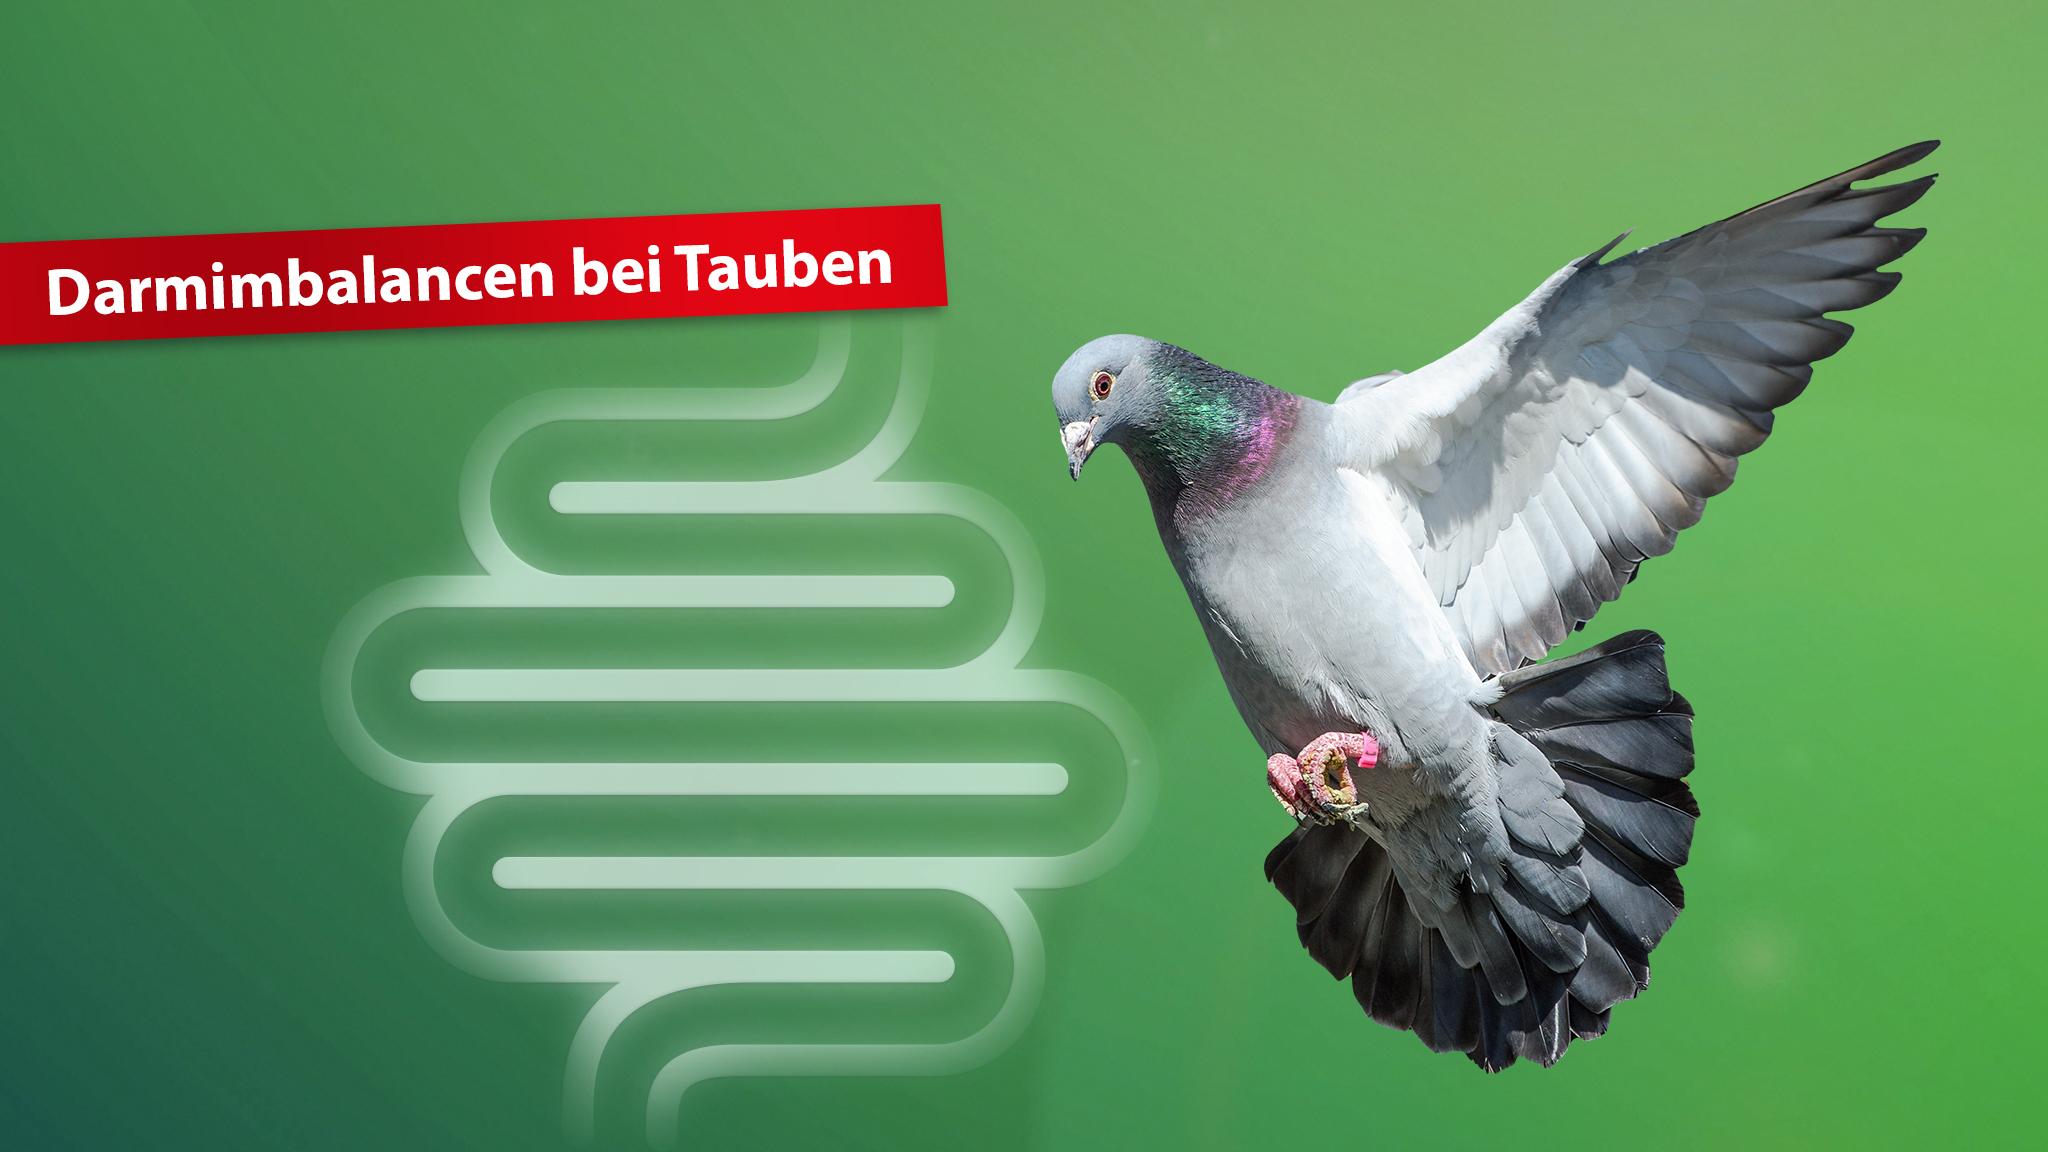 Darmgesundheit-Tauben-Röhnfried